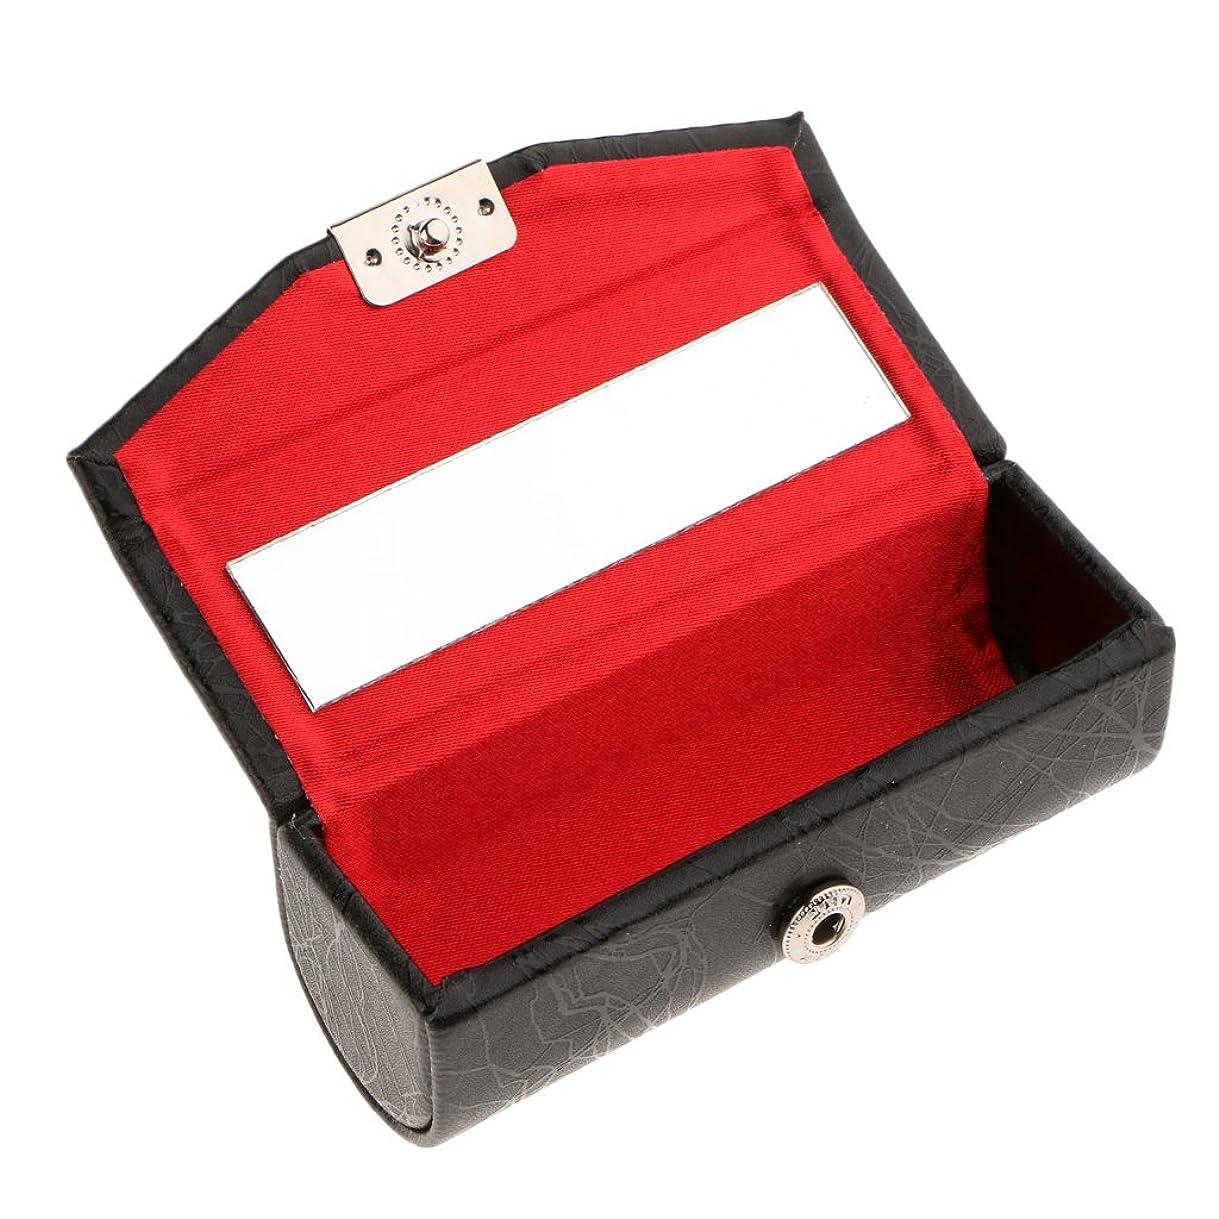 に同意するリアルペチコートBlesiya リップスティックケース ミラー付き レザー リップスティック リップグロスケース 収納ボックス メイクホルダー 多色選べる - ブラック